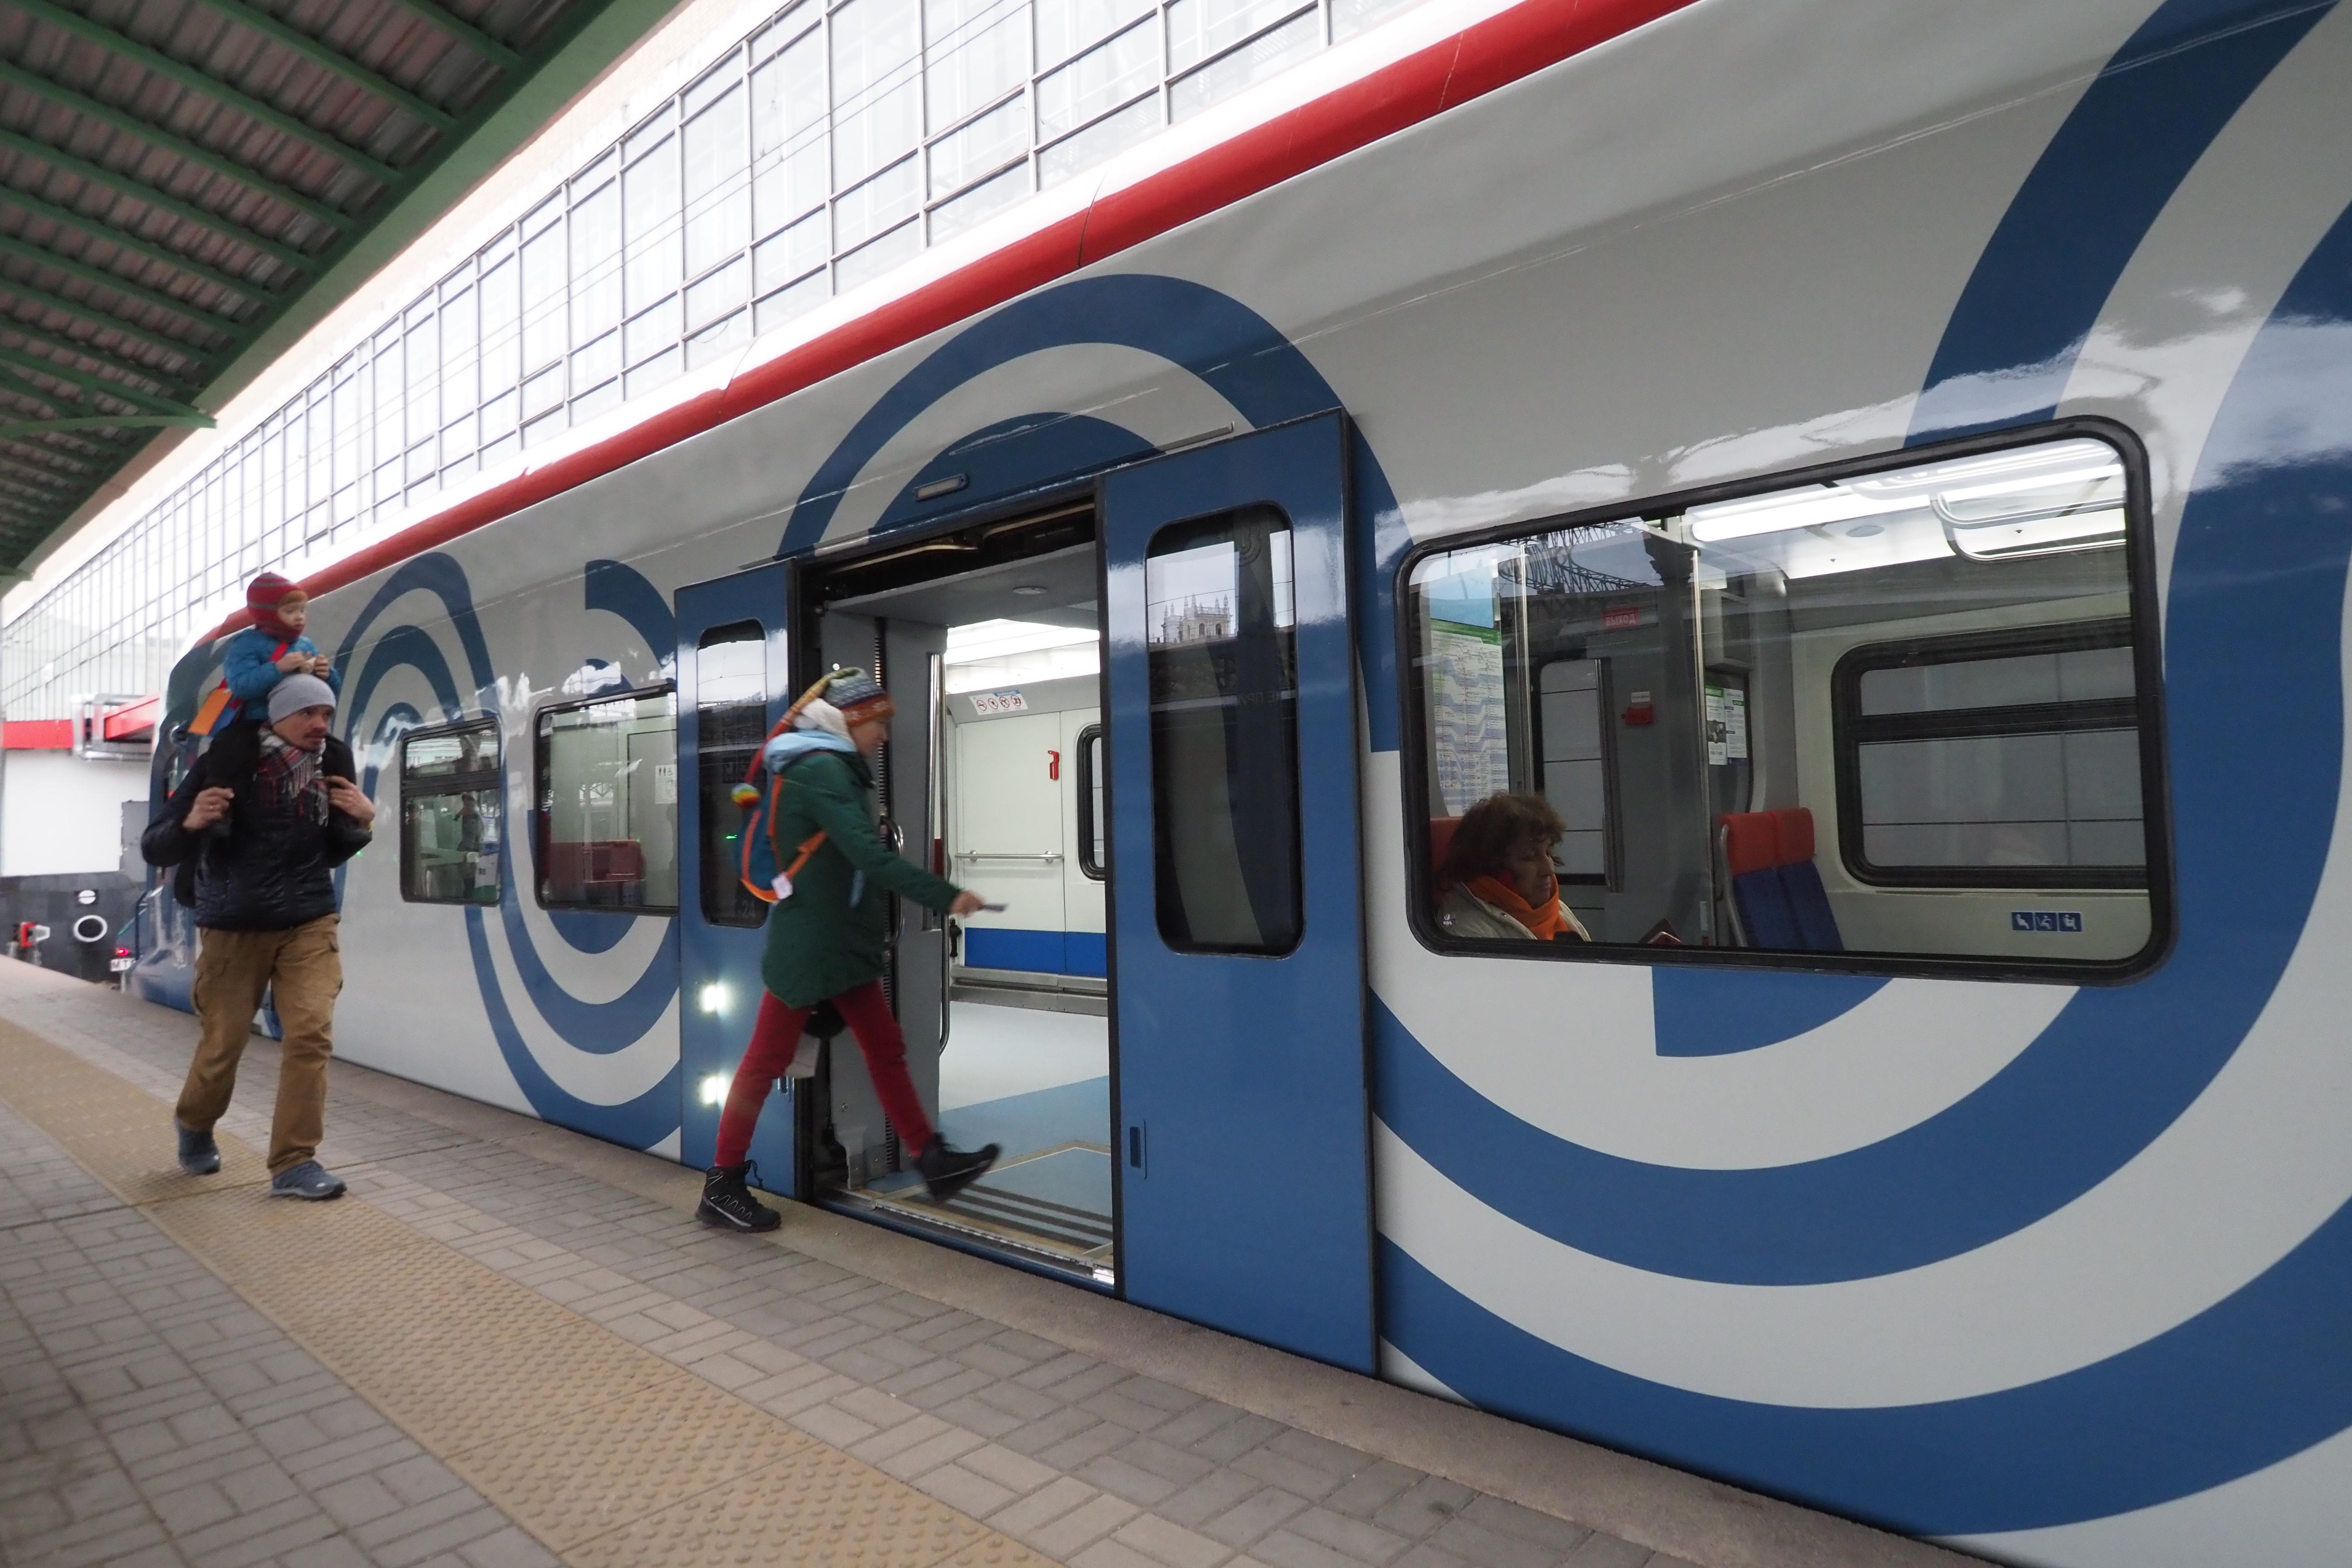 Сотрудники ЦППК 23 февраля и 8 марта подарят пассажирам около 150 тысяч открыток